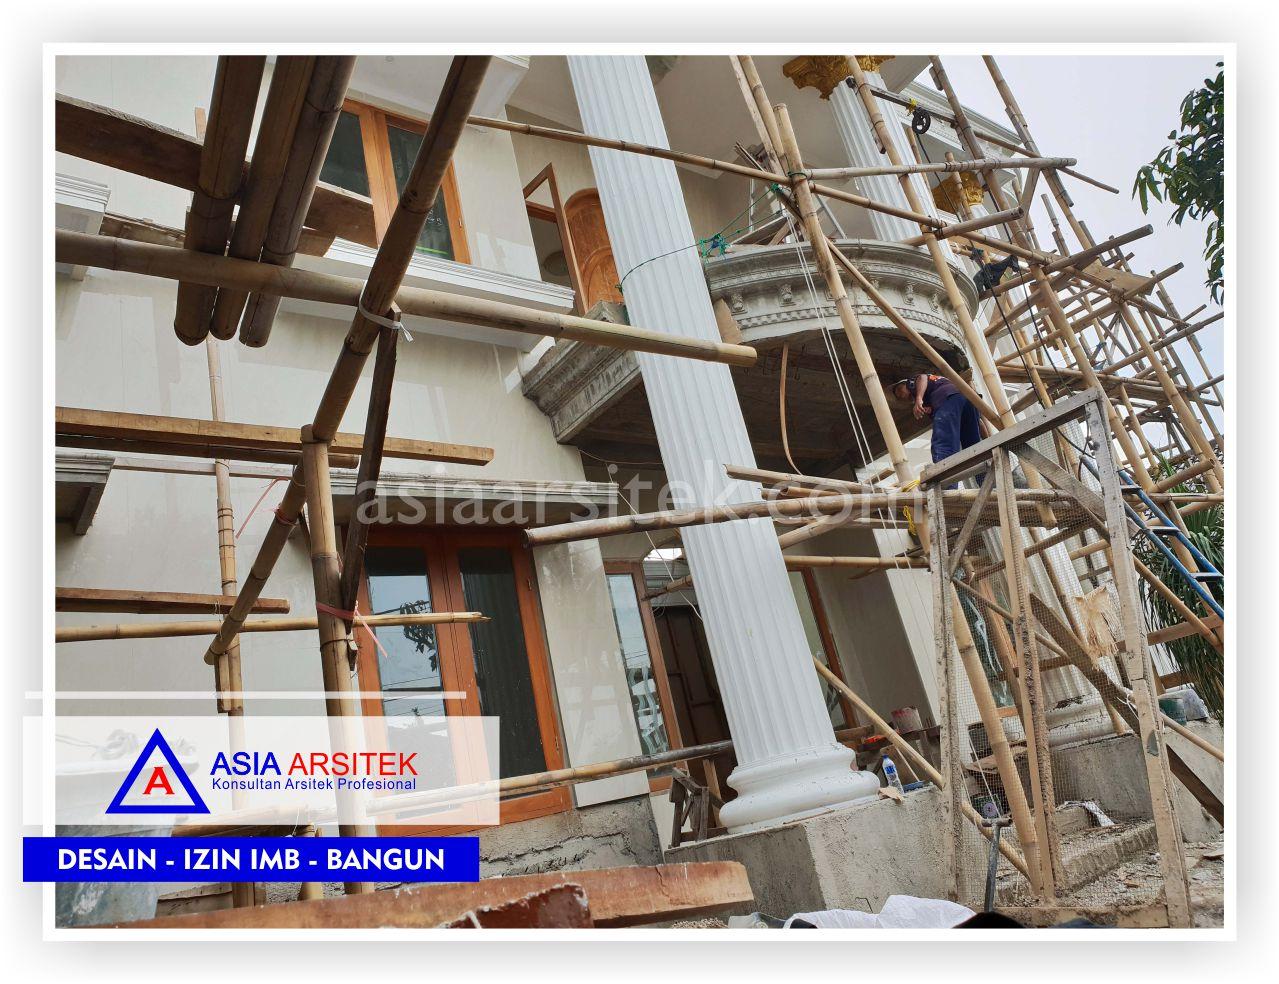 Area Balkon Rumah Klasik Mewah Bu Iis - Arsitek Desain Rumah Minimalis Modern Di Bandung-Tangerang-Bogor-Bekasi-Jakarta-Jasa Konsultan Desain Arsitek Profesional (2)